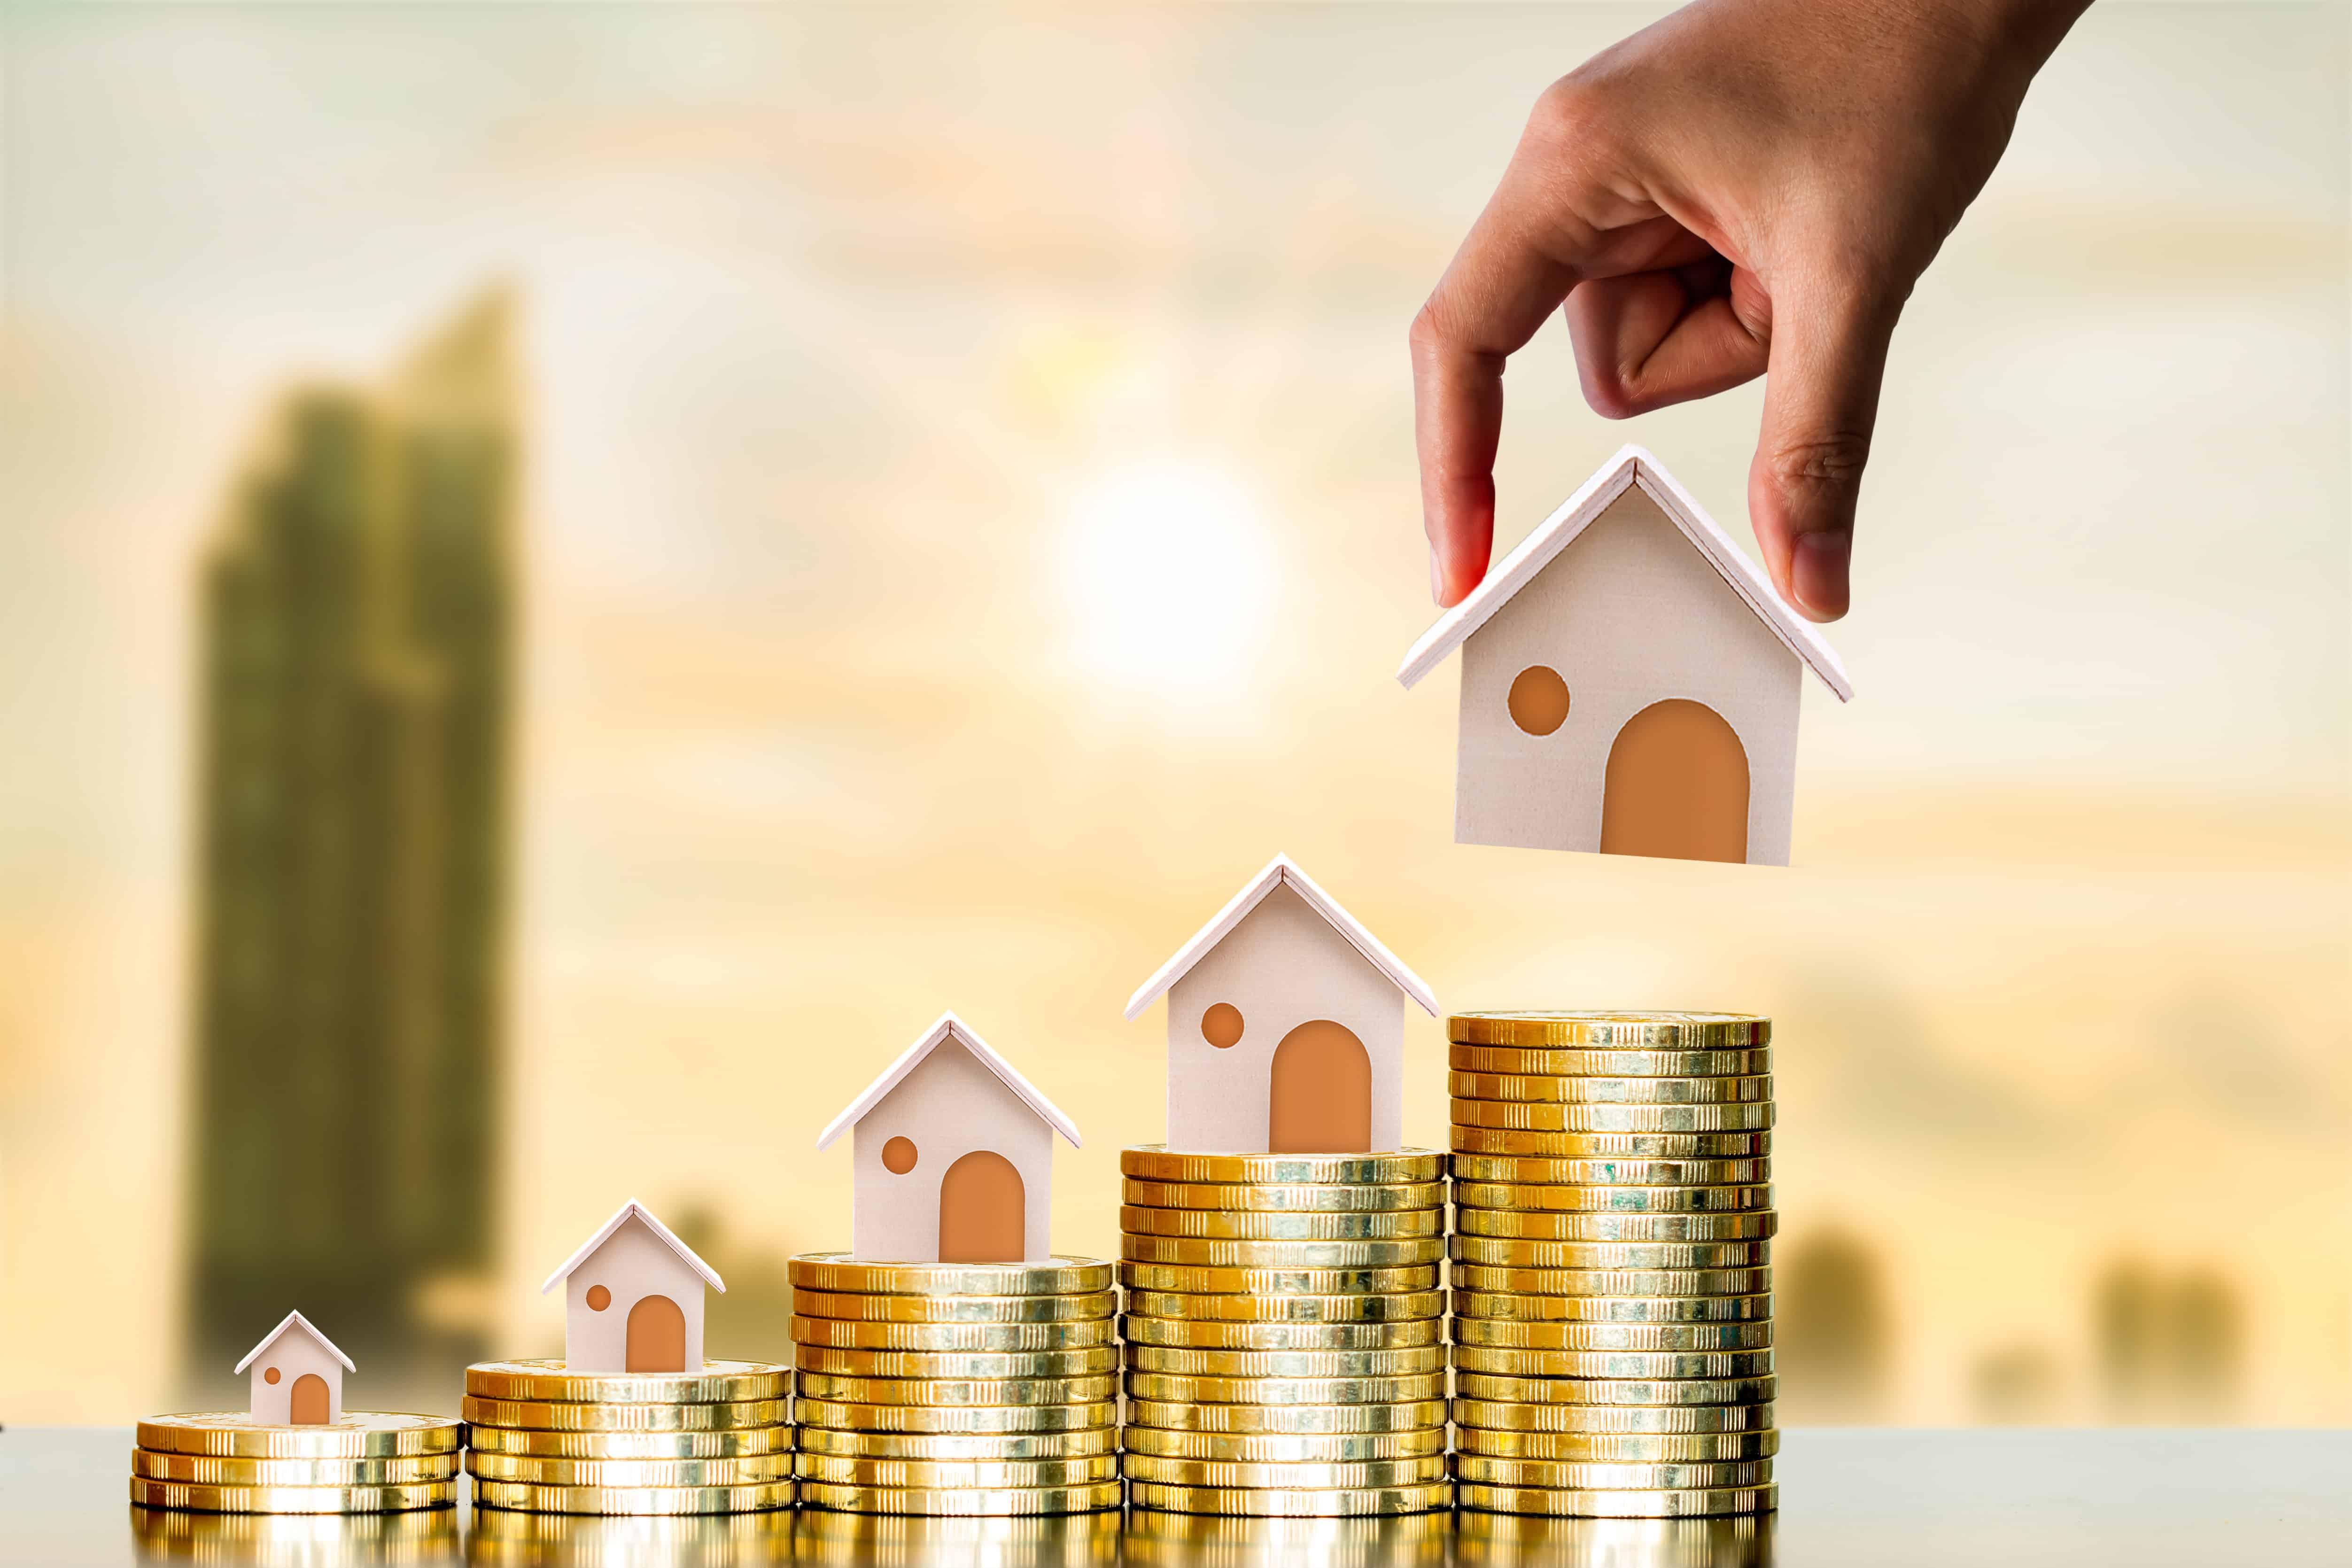 Münzen und kleine Häuser